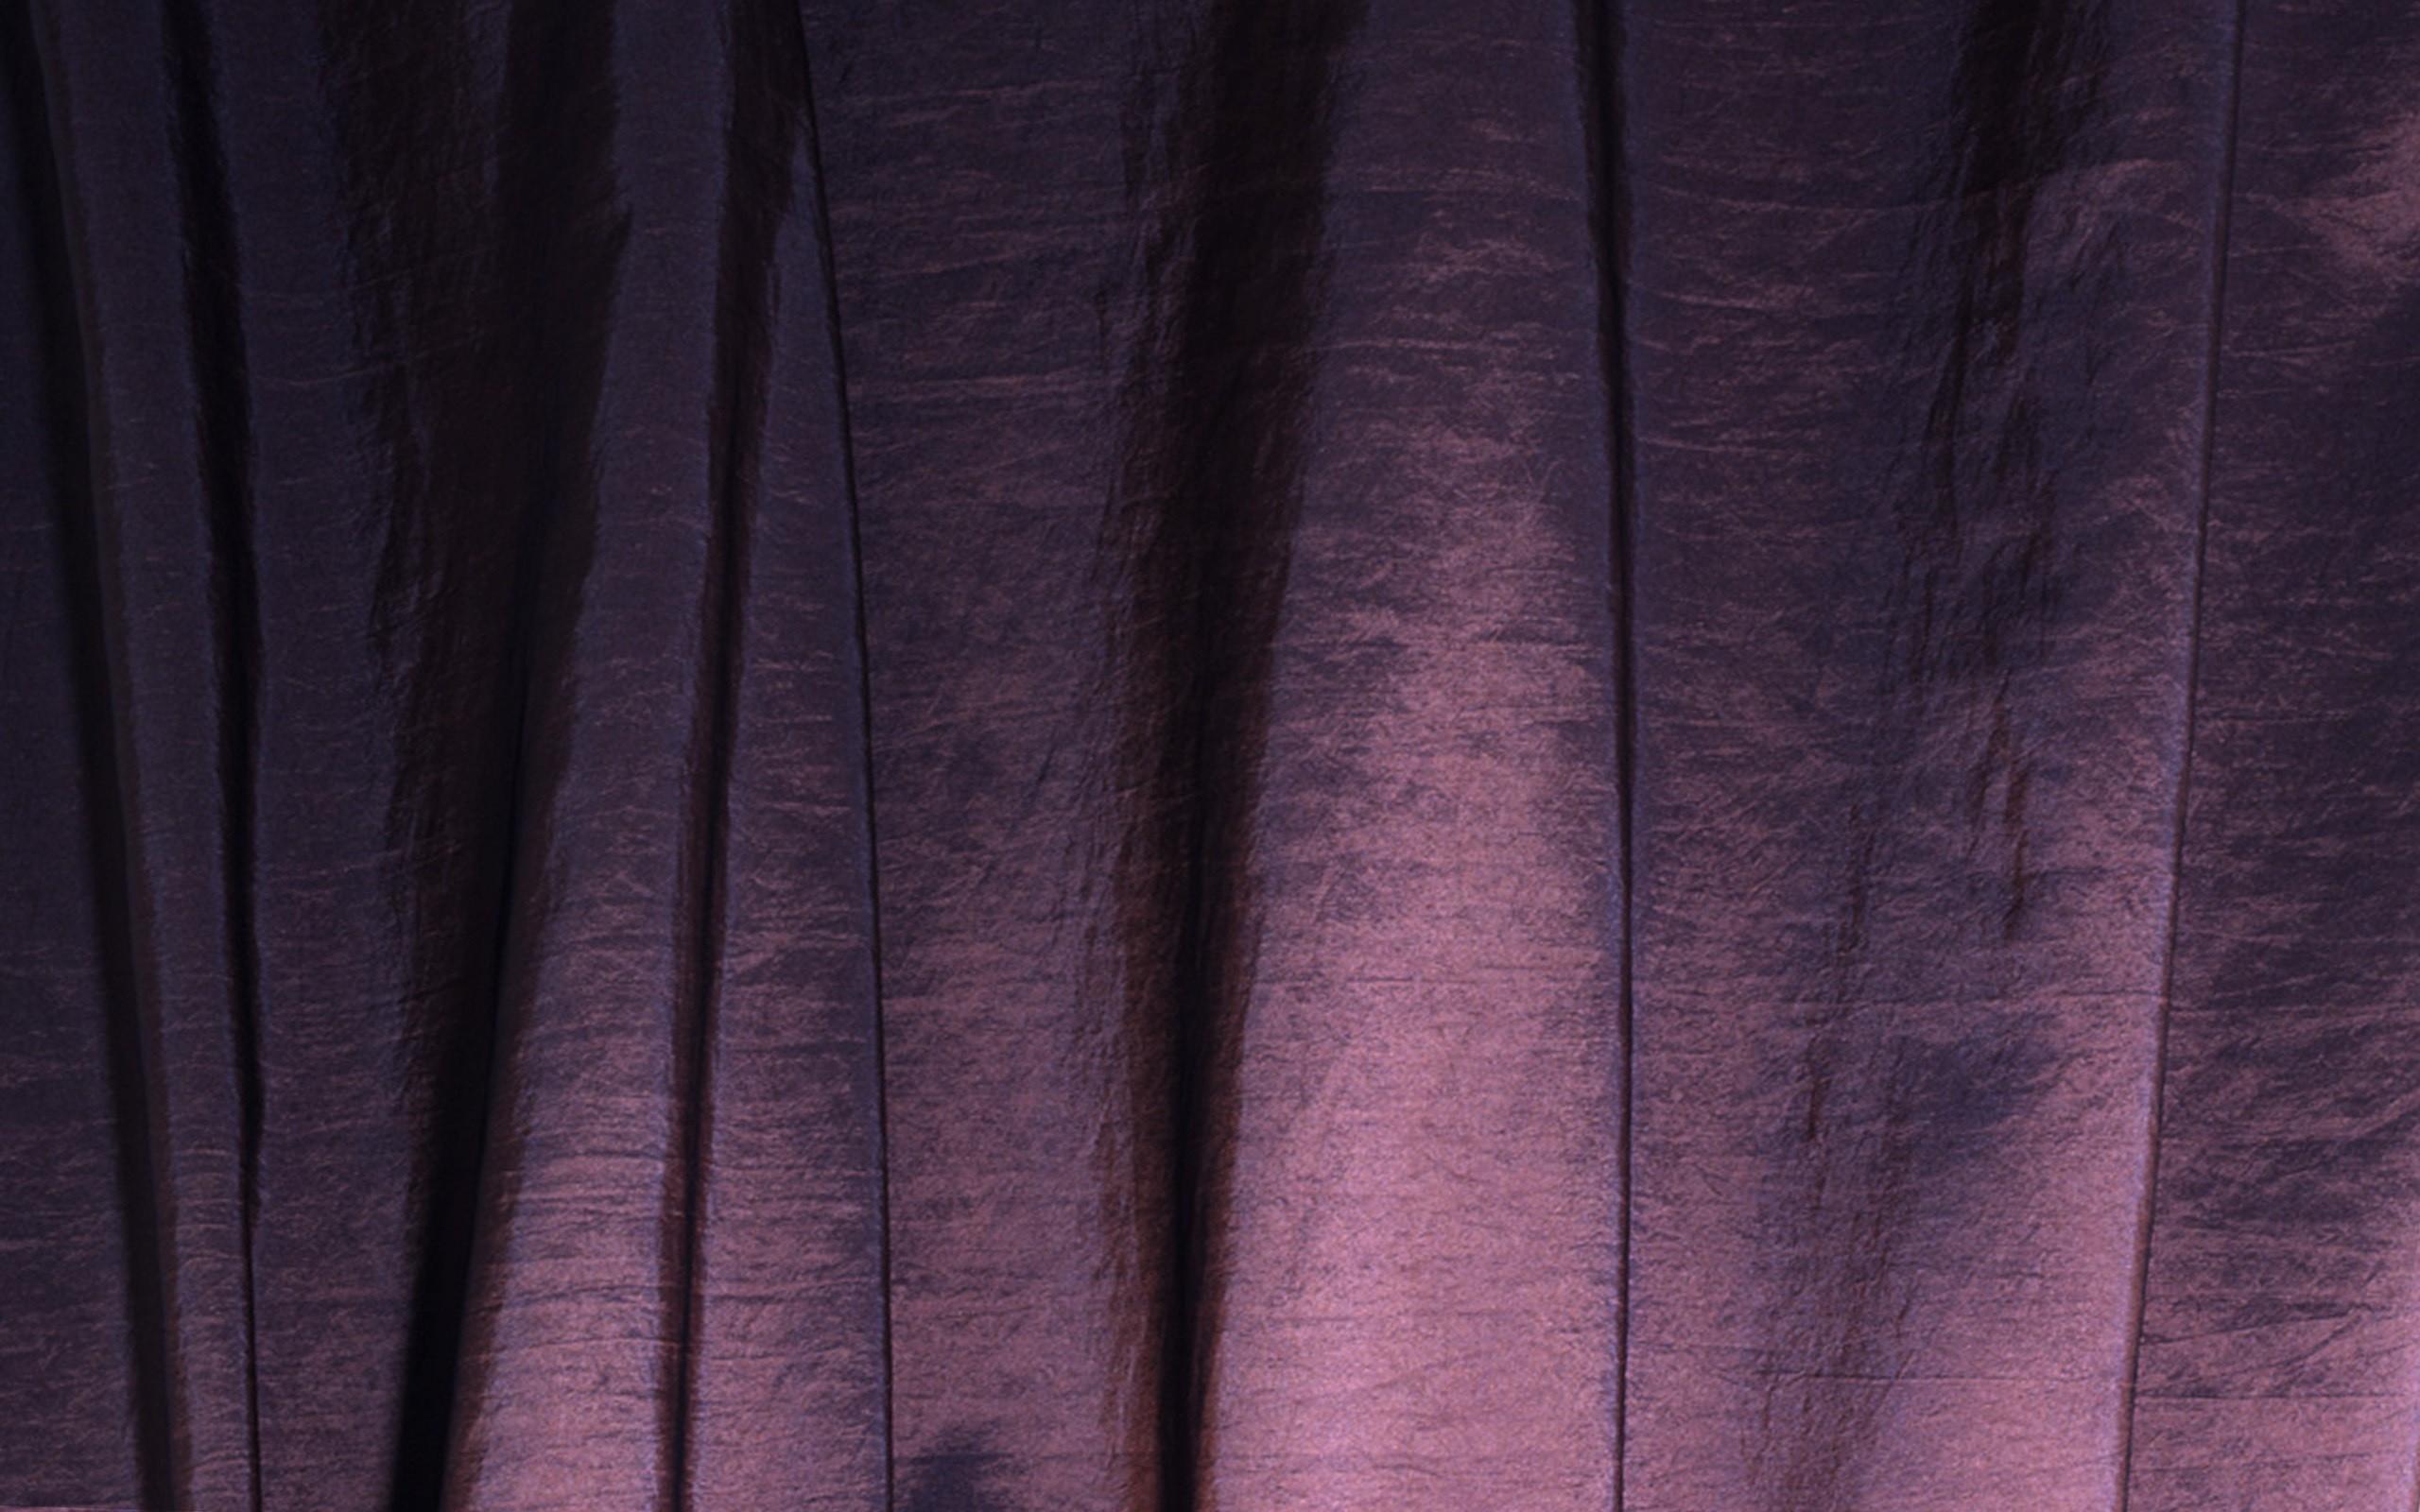 Tende In Velluto Di Seta sfondi : nero, viola, legna, tenda, struttura, interior